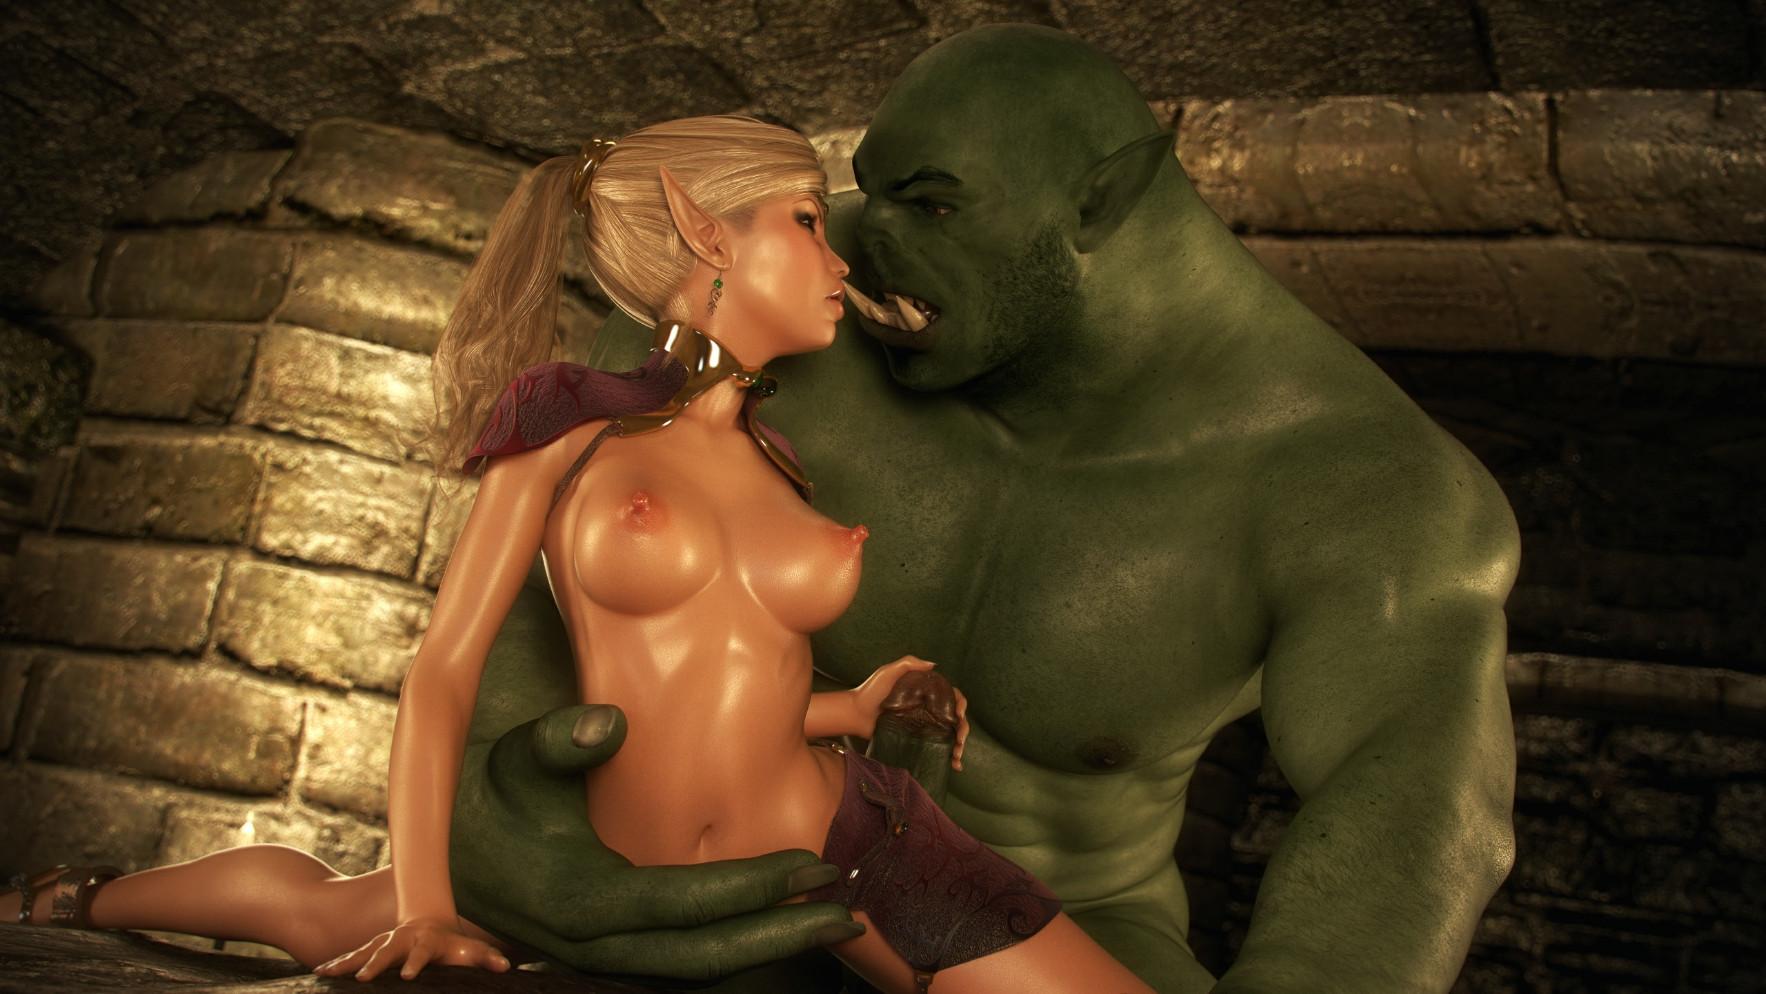 Смотреть порно на эльфов, эльфы » смотреть порно мультики, порно комиксы 13 фотография